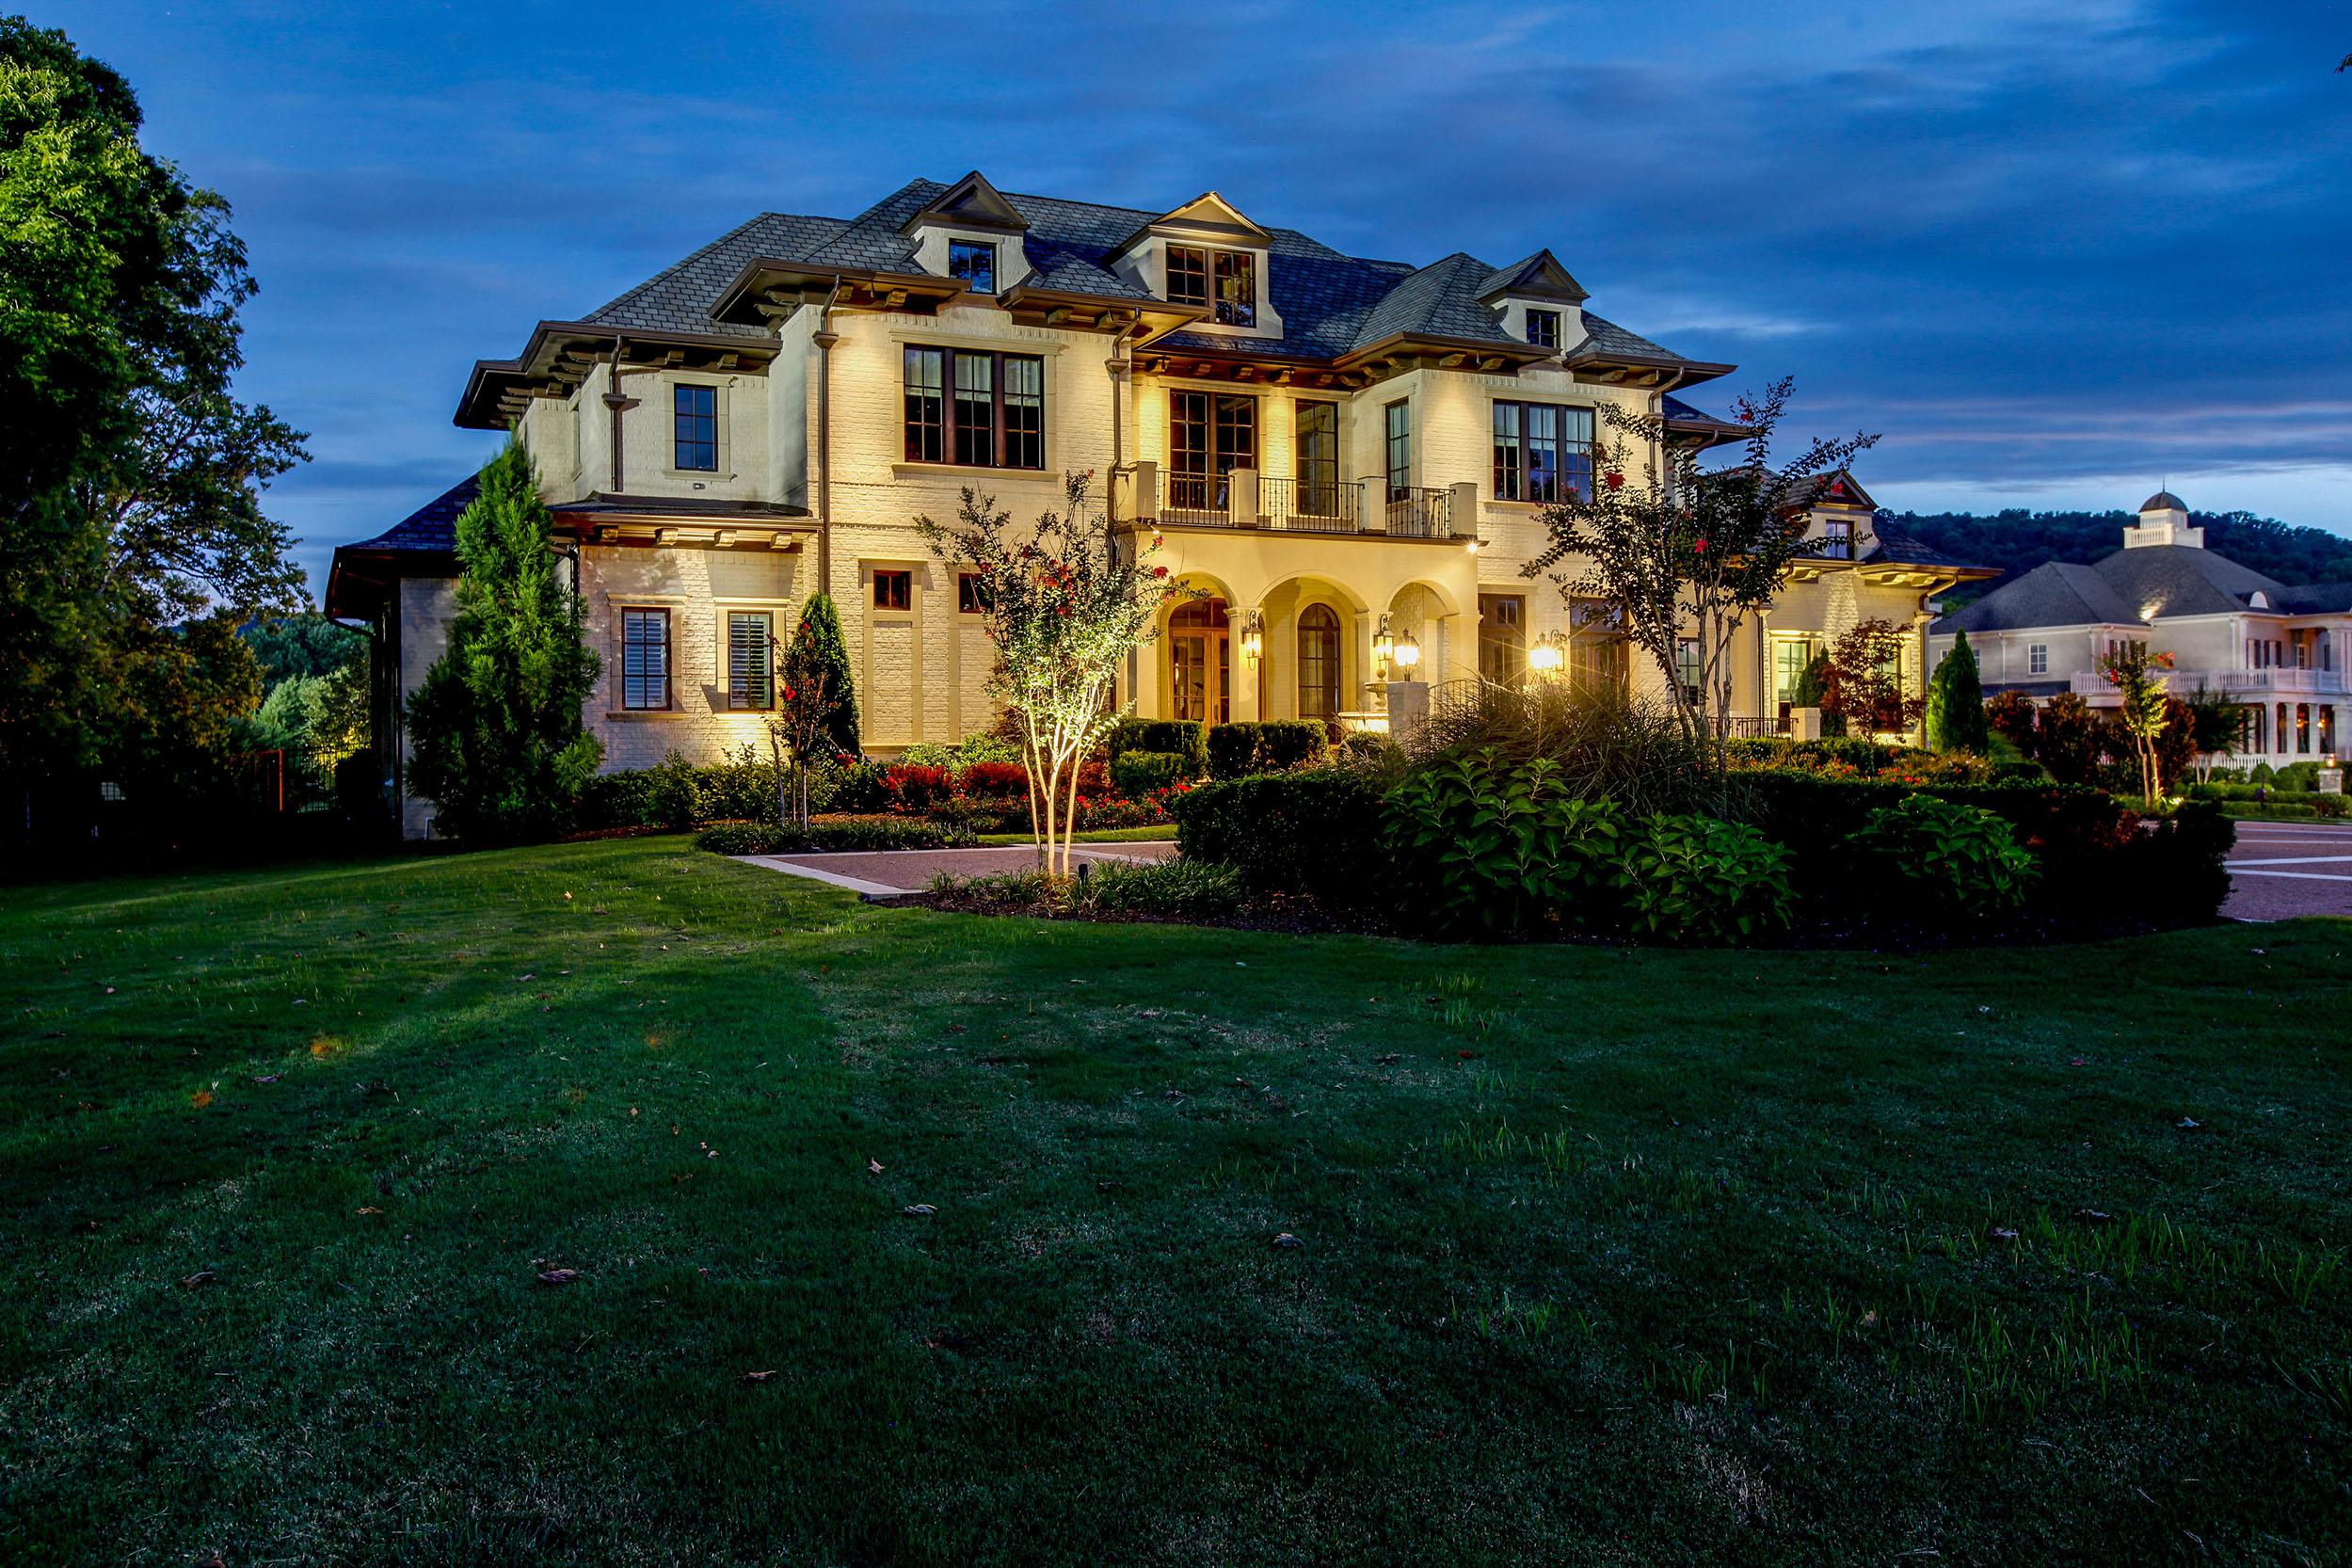 Builder: Hidden Valley Homes